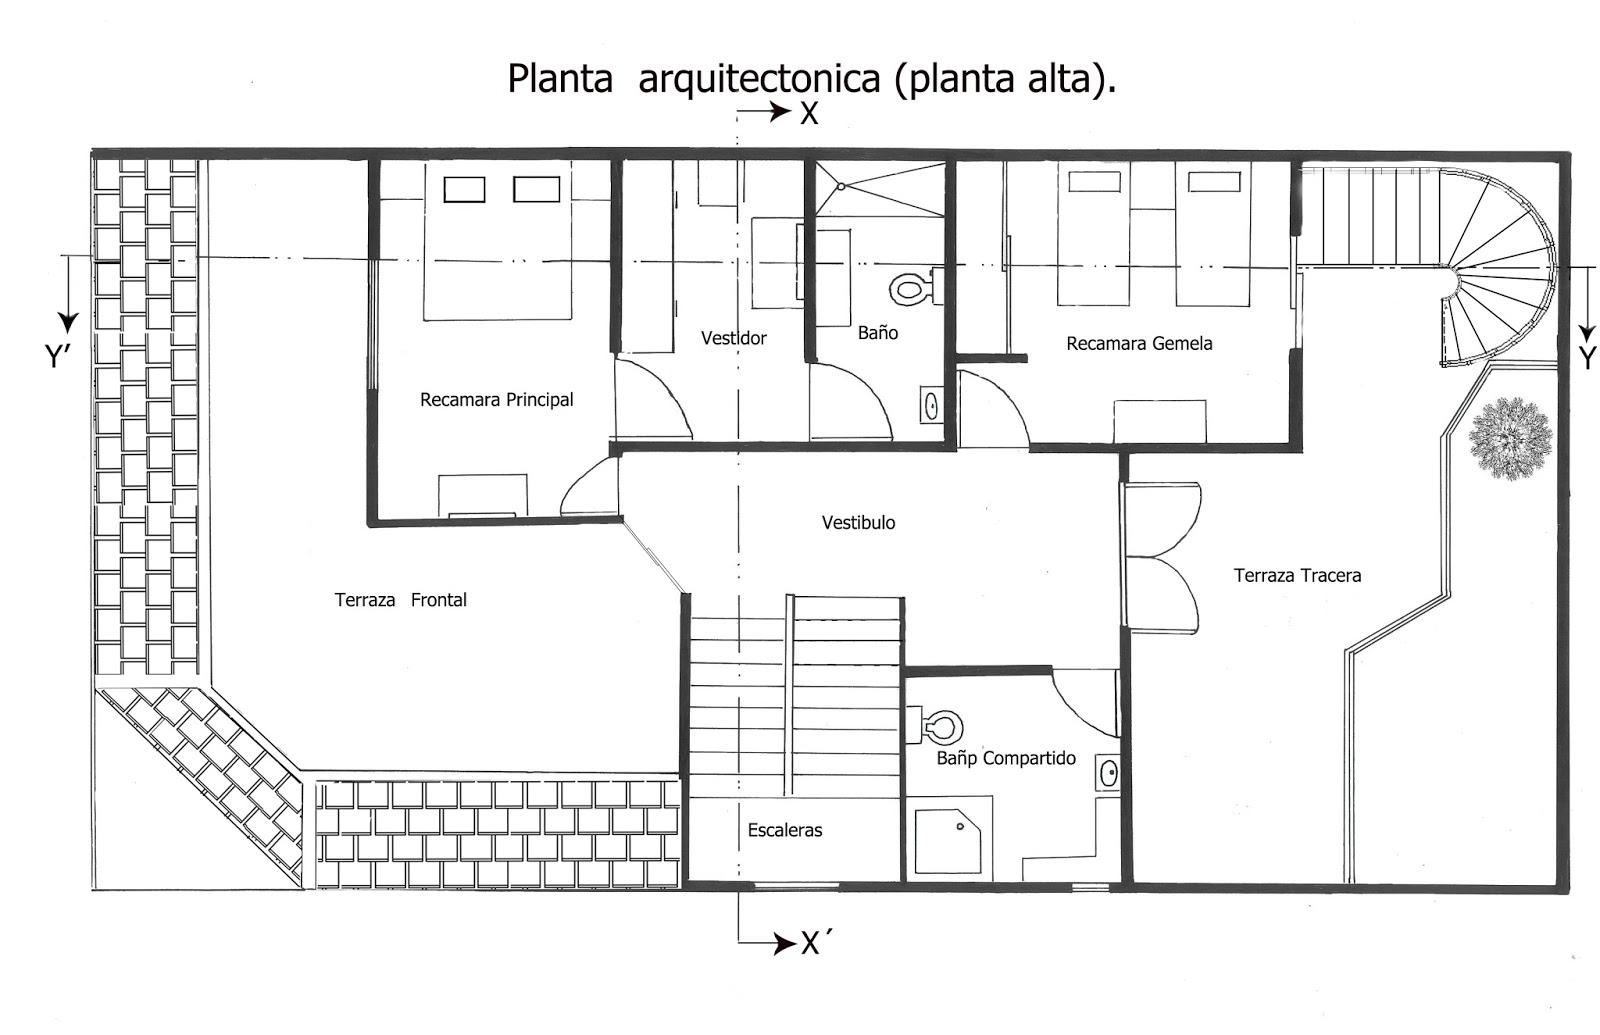 Casa habitaci n ardicon arquitectura dise o y for Que es una planta arquitectonica